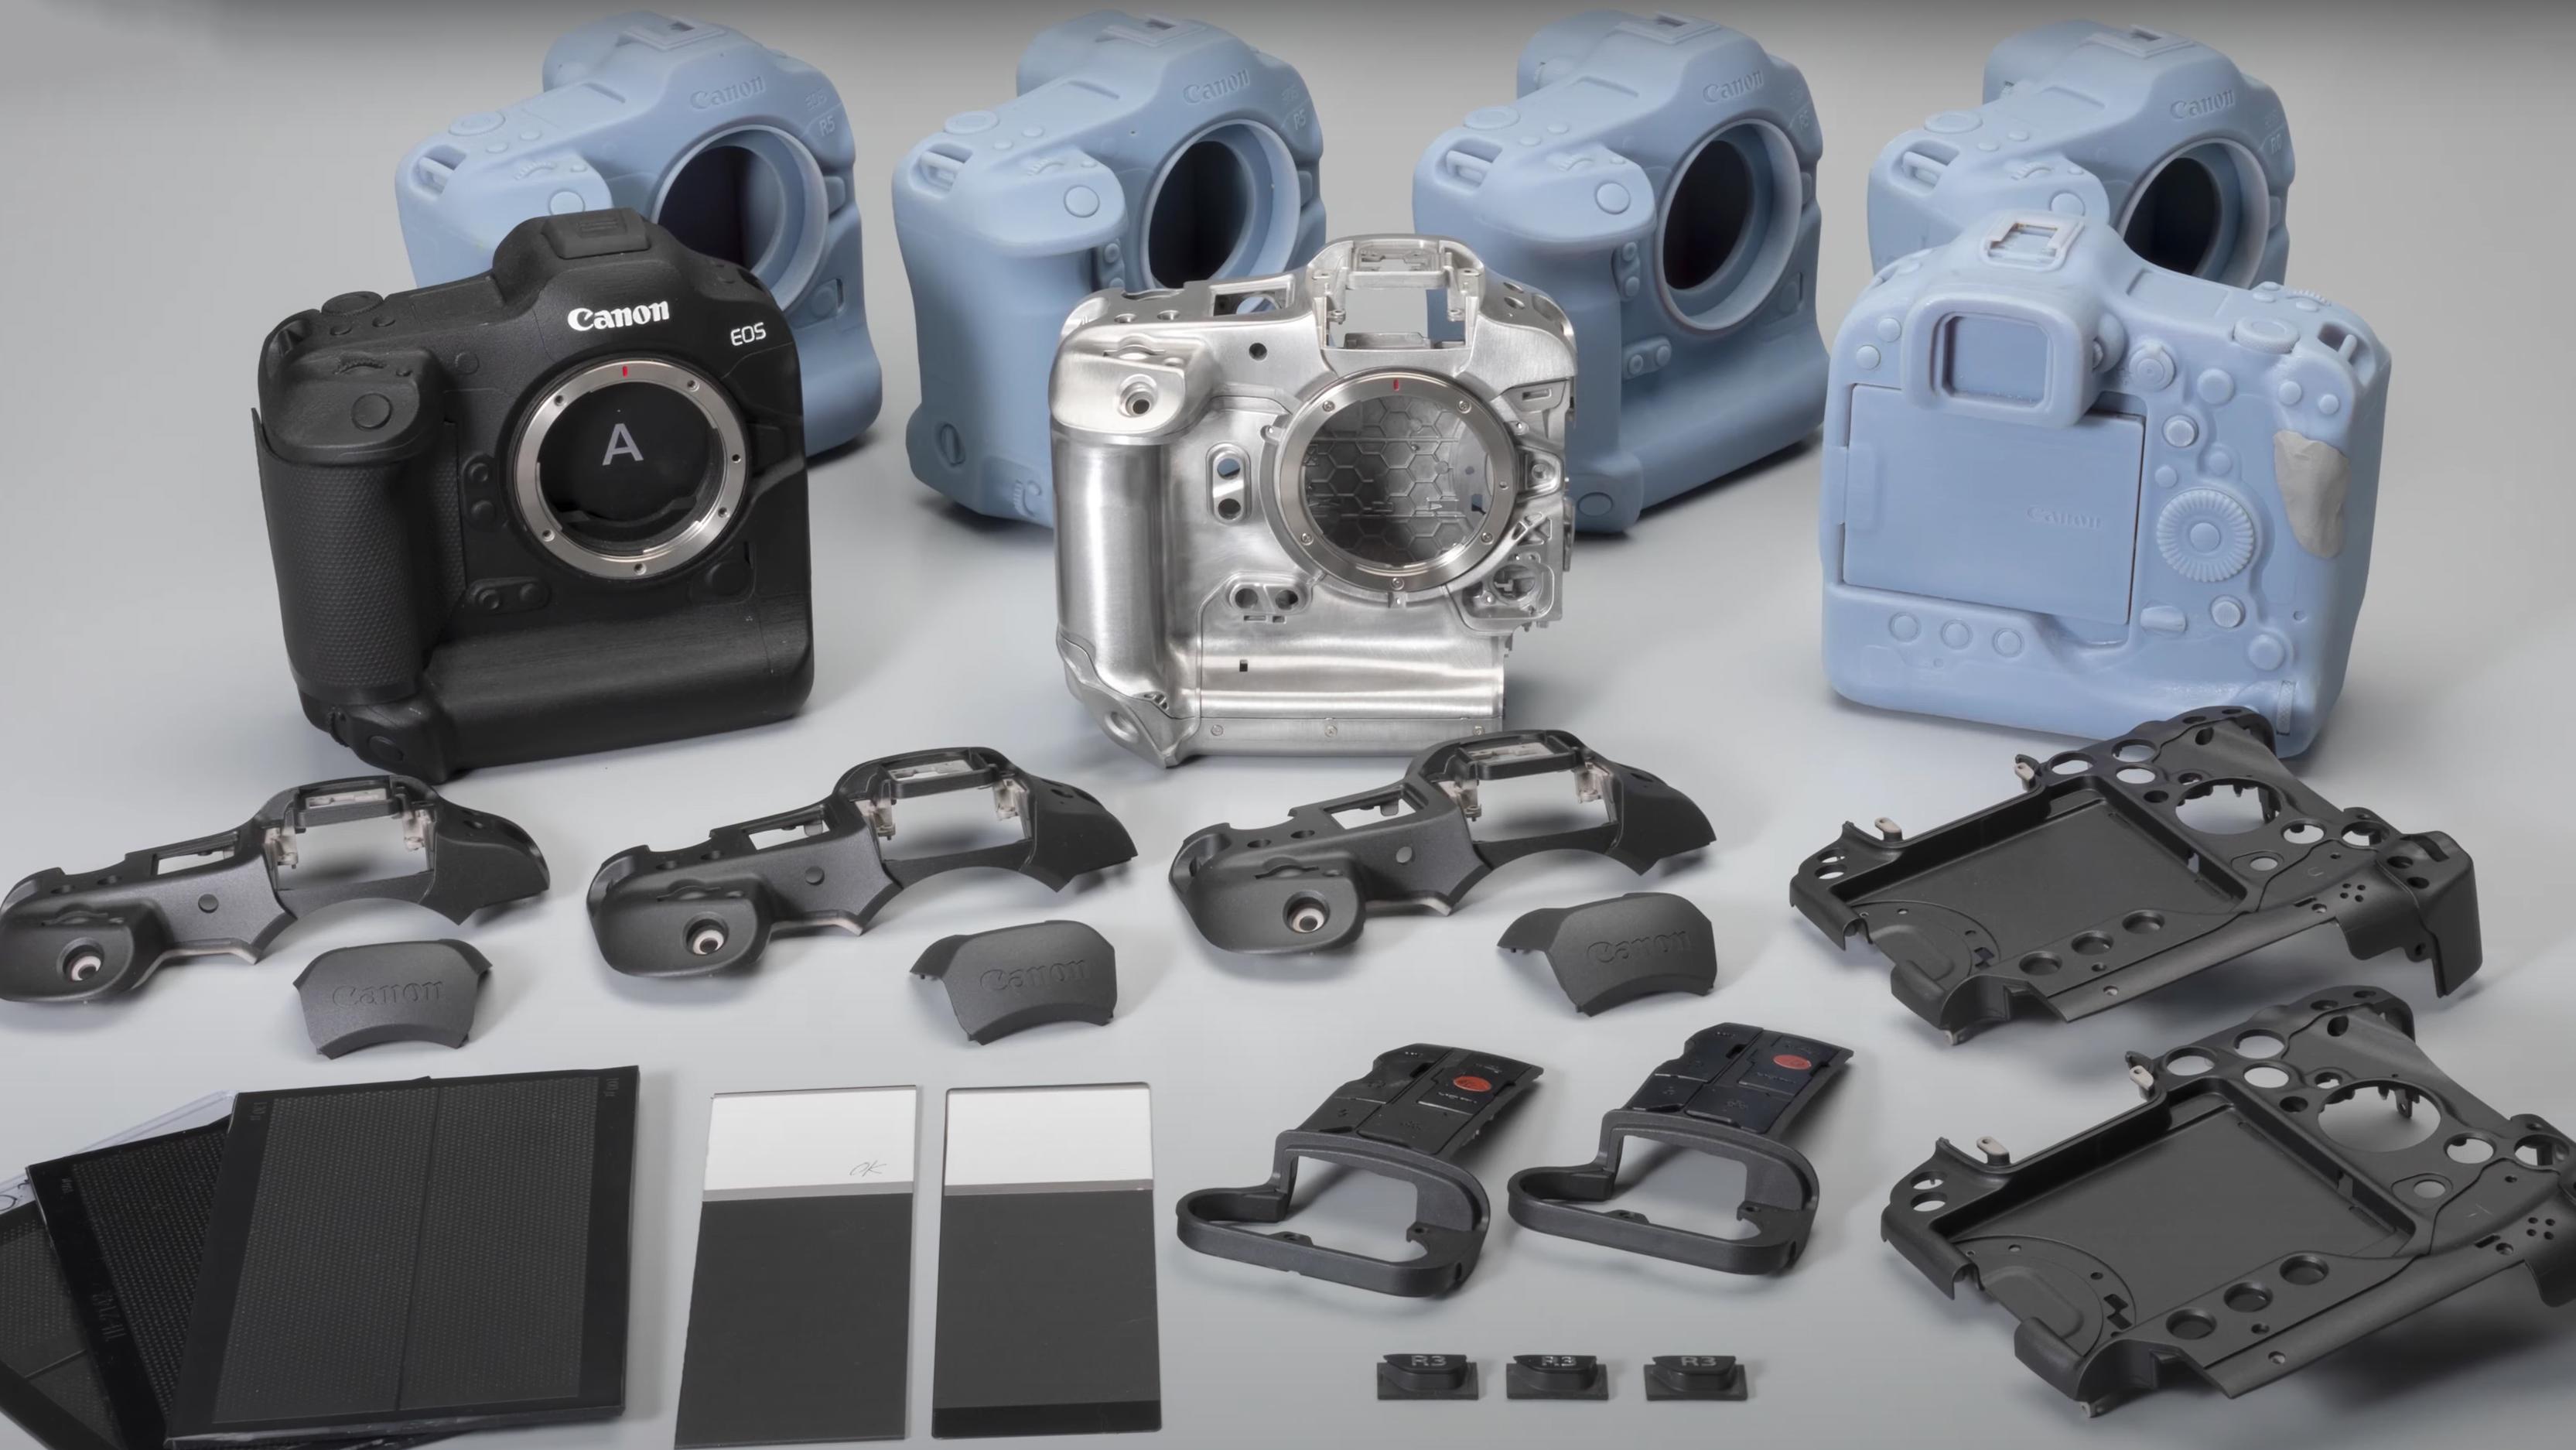 Algunos prototipos de la cámara sin espejo Canon EOS R3